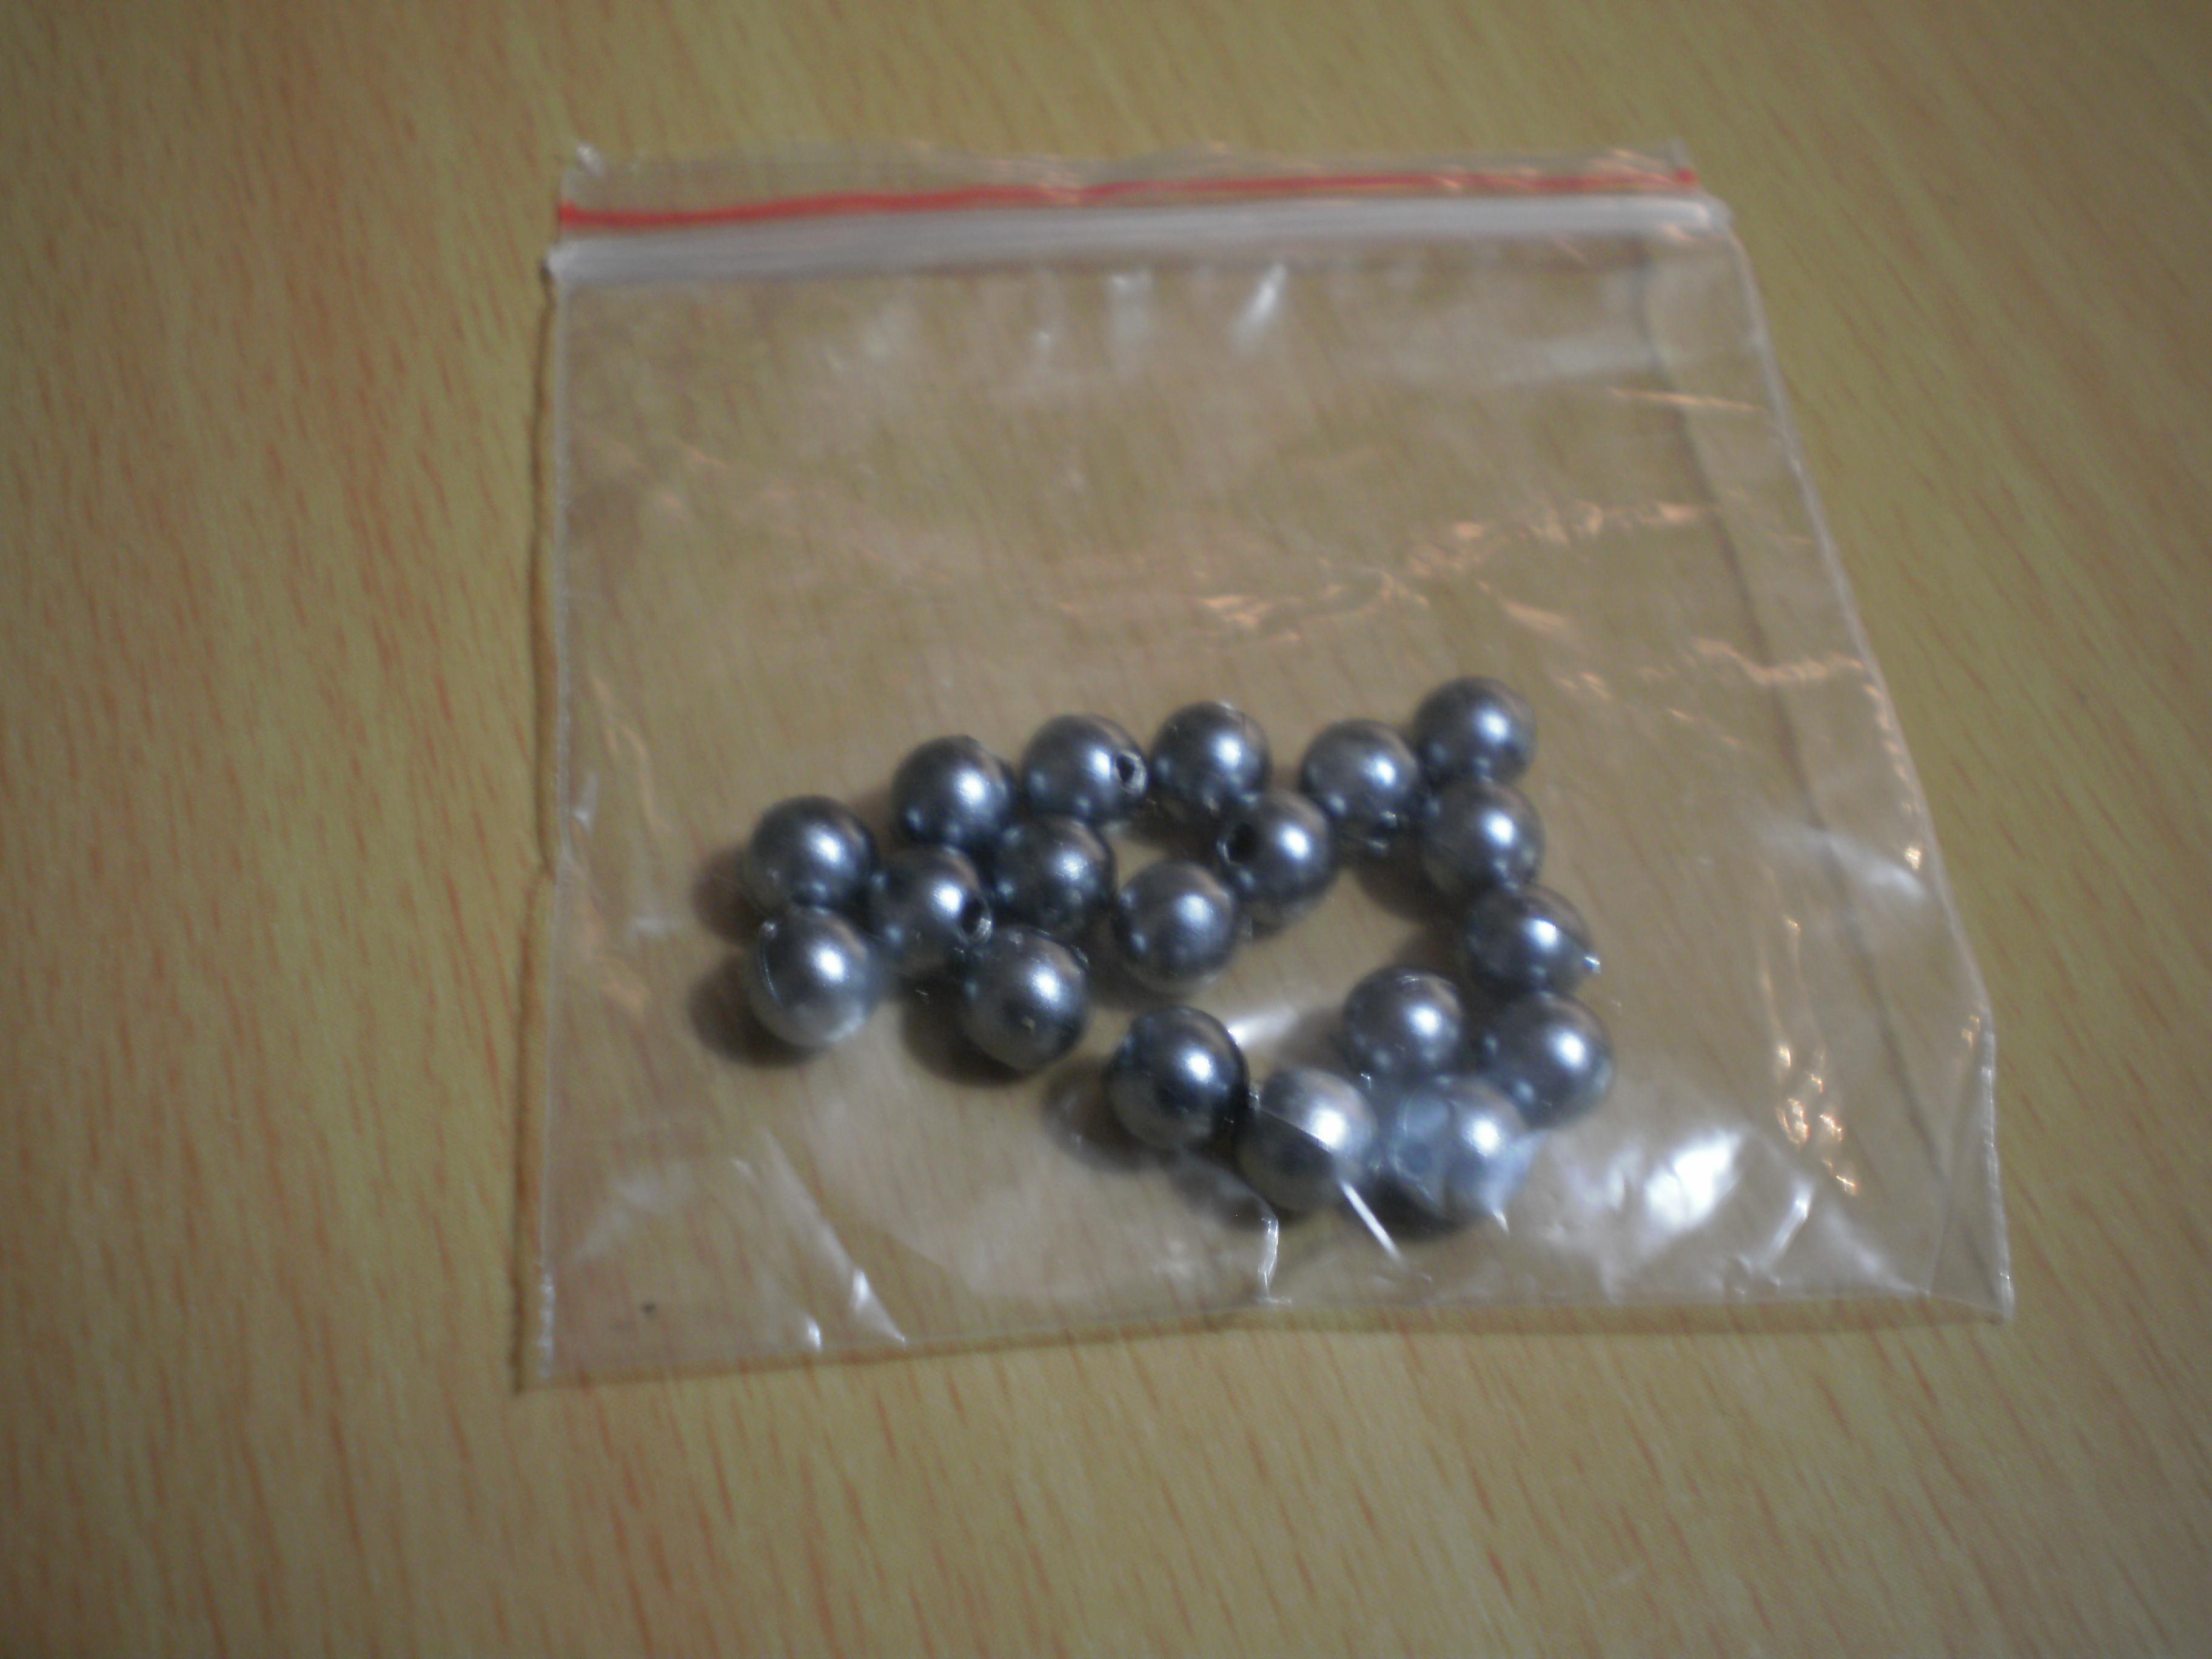 troc de troc 20 perles grises nves image 0